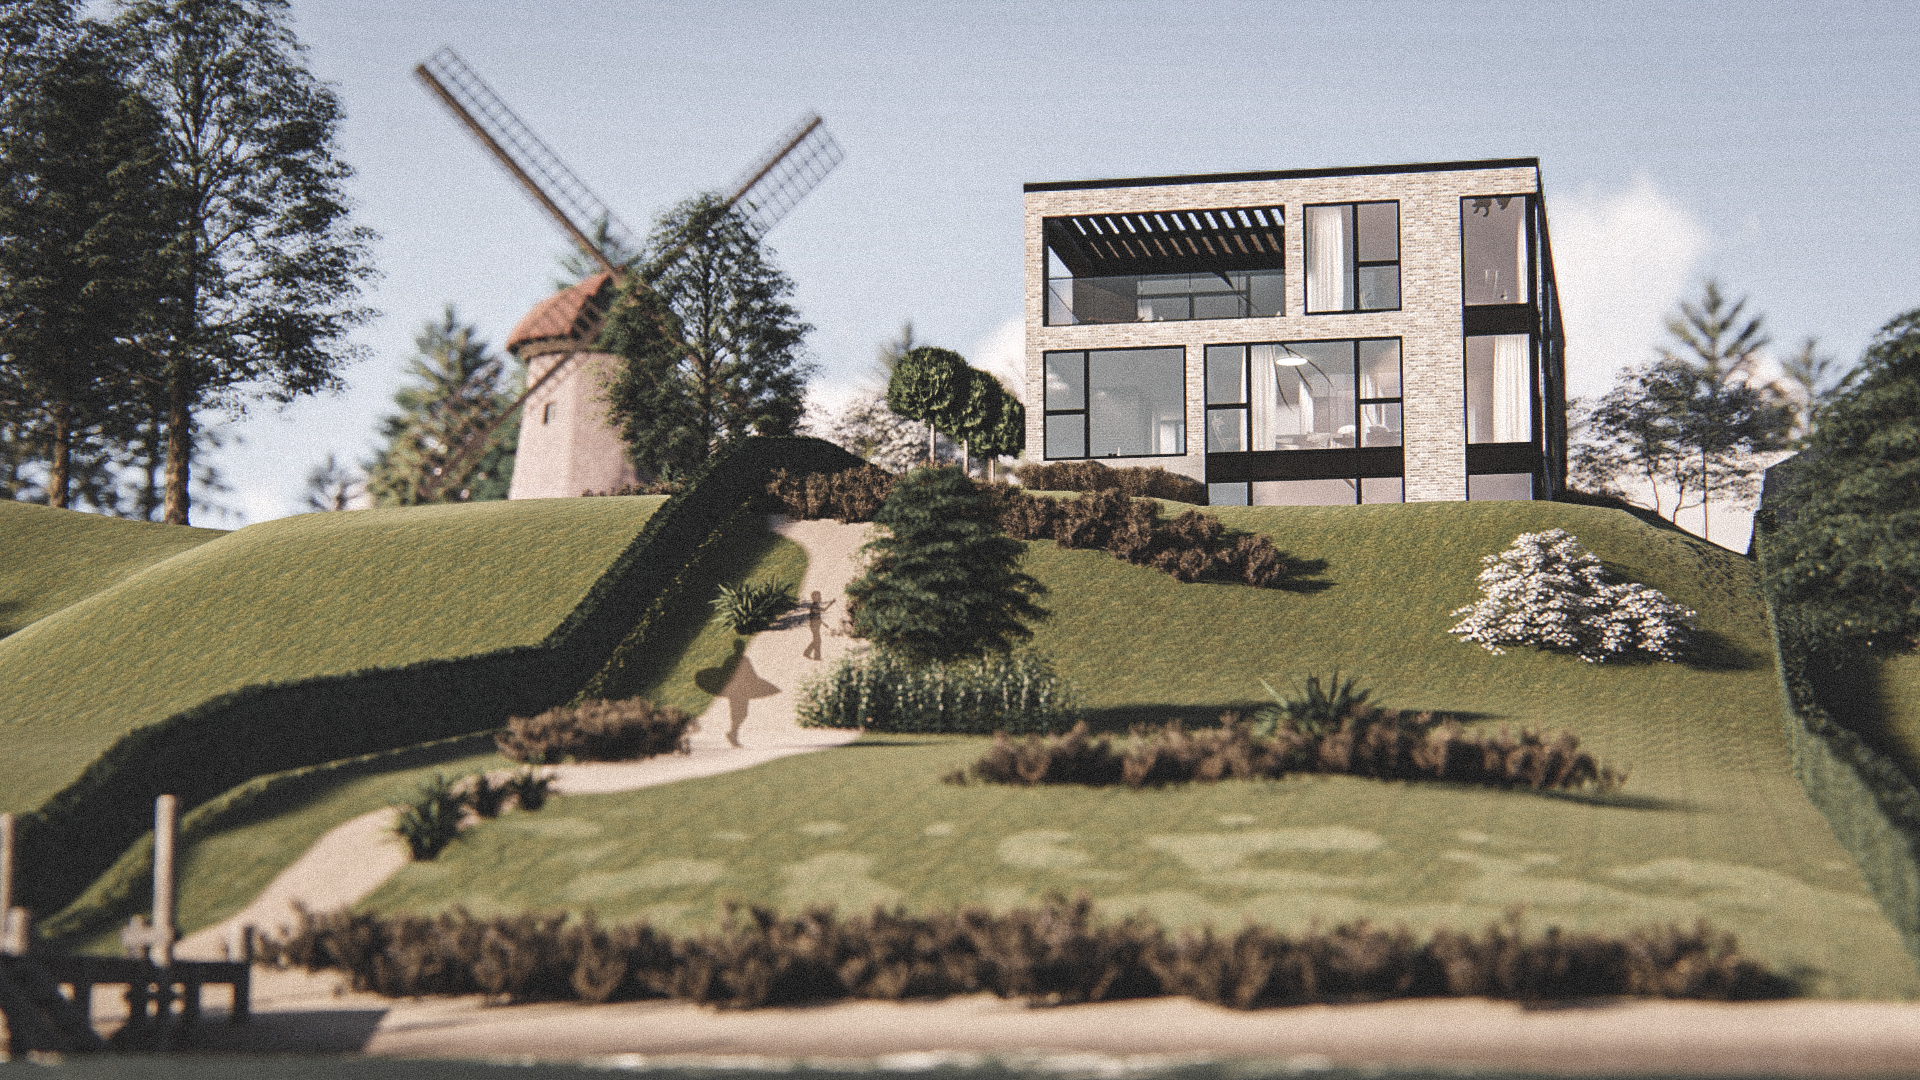 Billede af Dansk arkitekttegnet 3 plan villa af arkitektfirmaet m2plus, i Espergærde på 408 kvartratmeter.